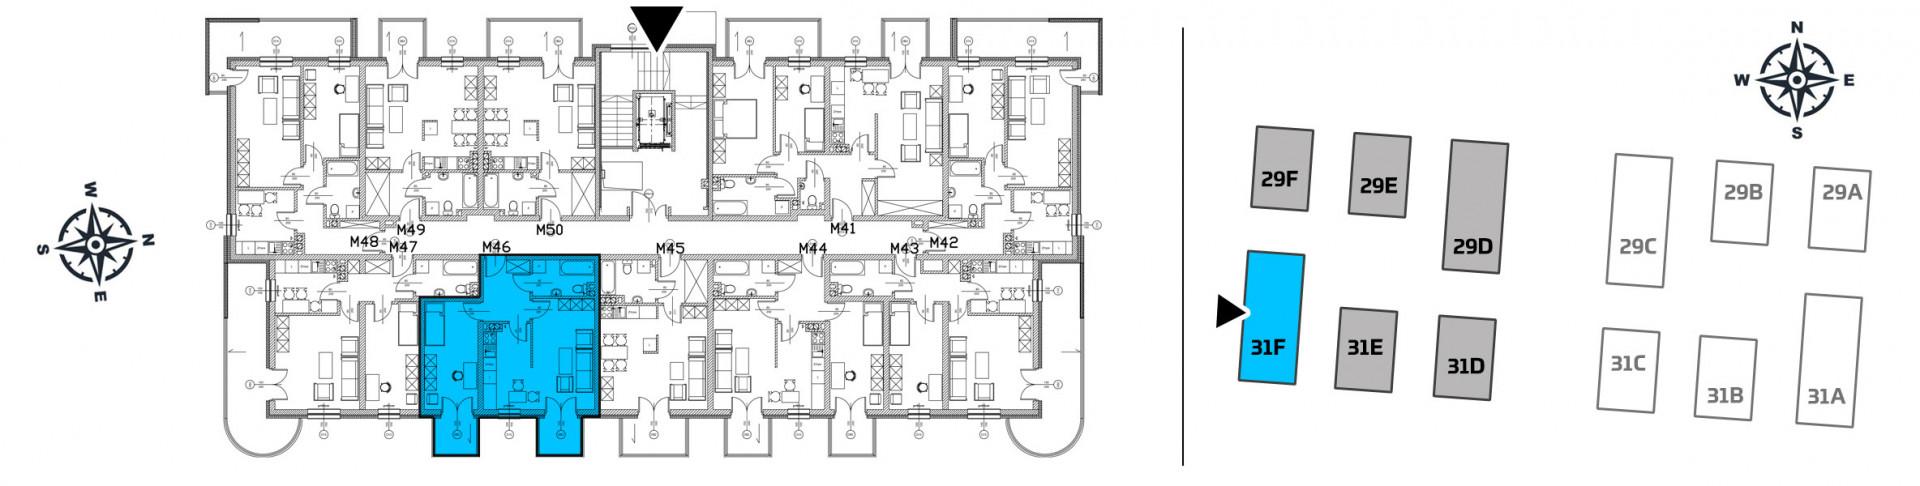 Mieszkanie dwupokojowe 31F/46 rzut 2